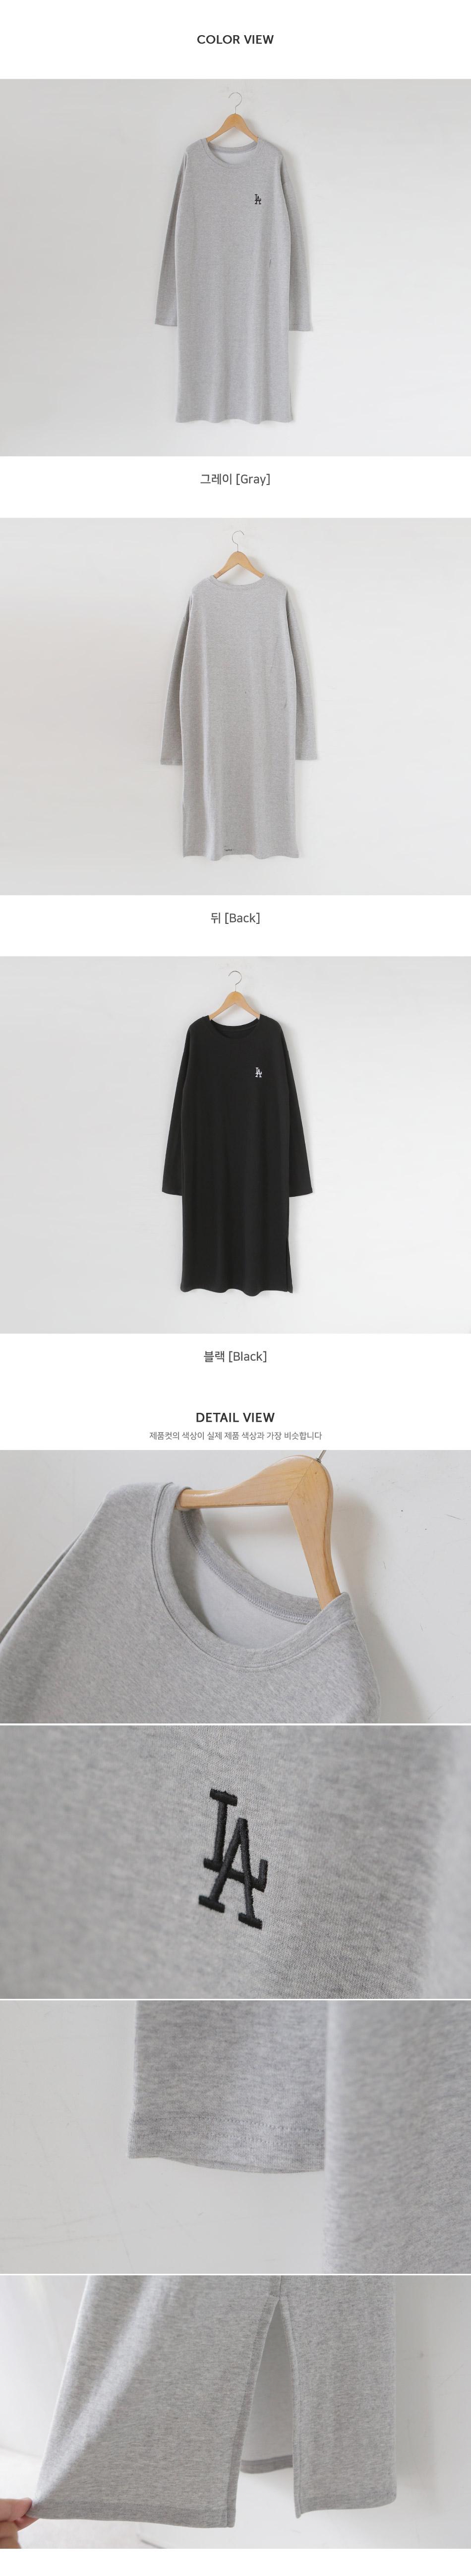 Mono LA Embroidery Long Dress 1 + 1